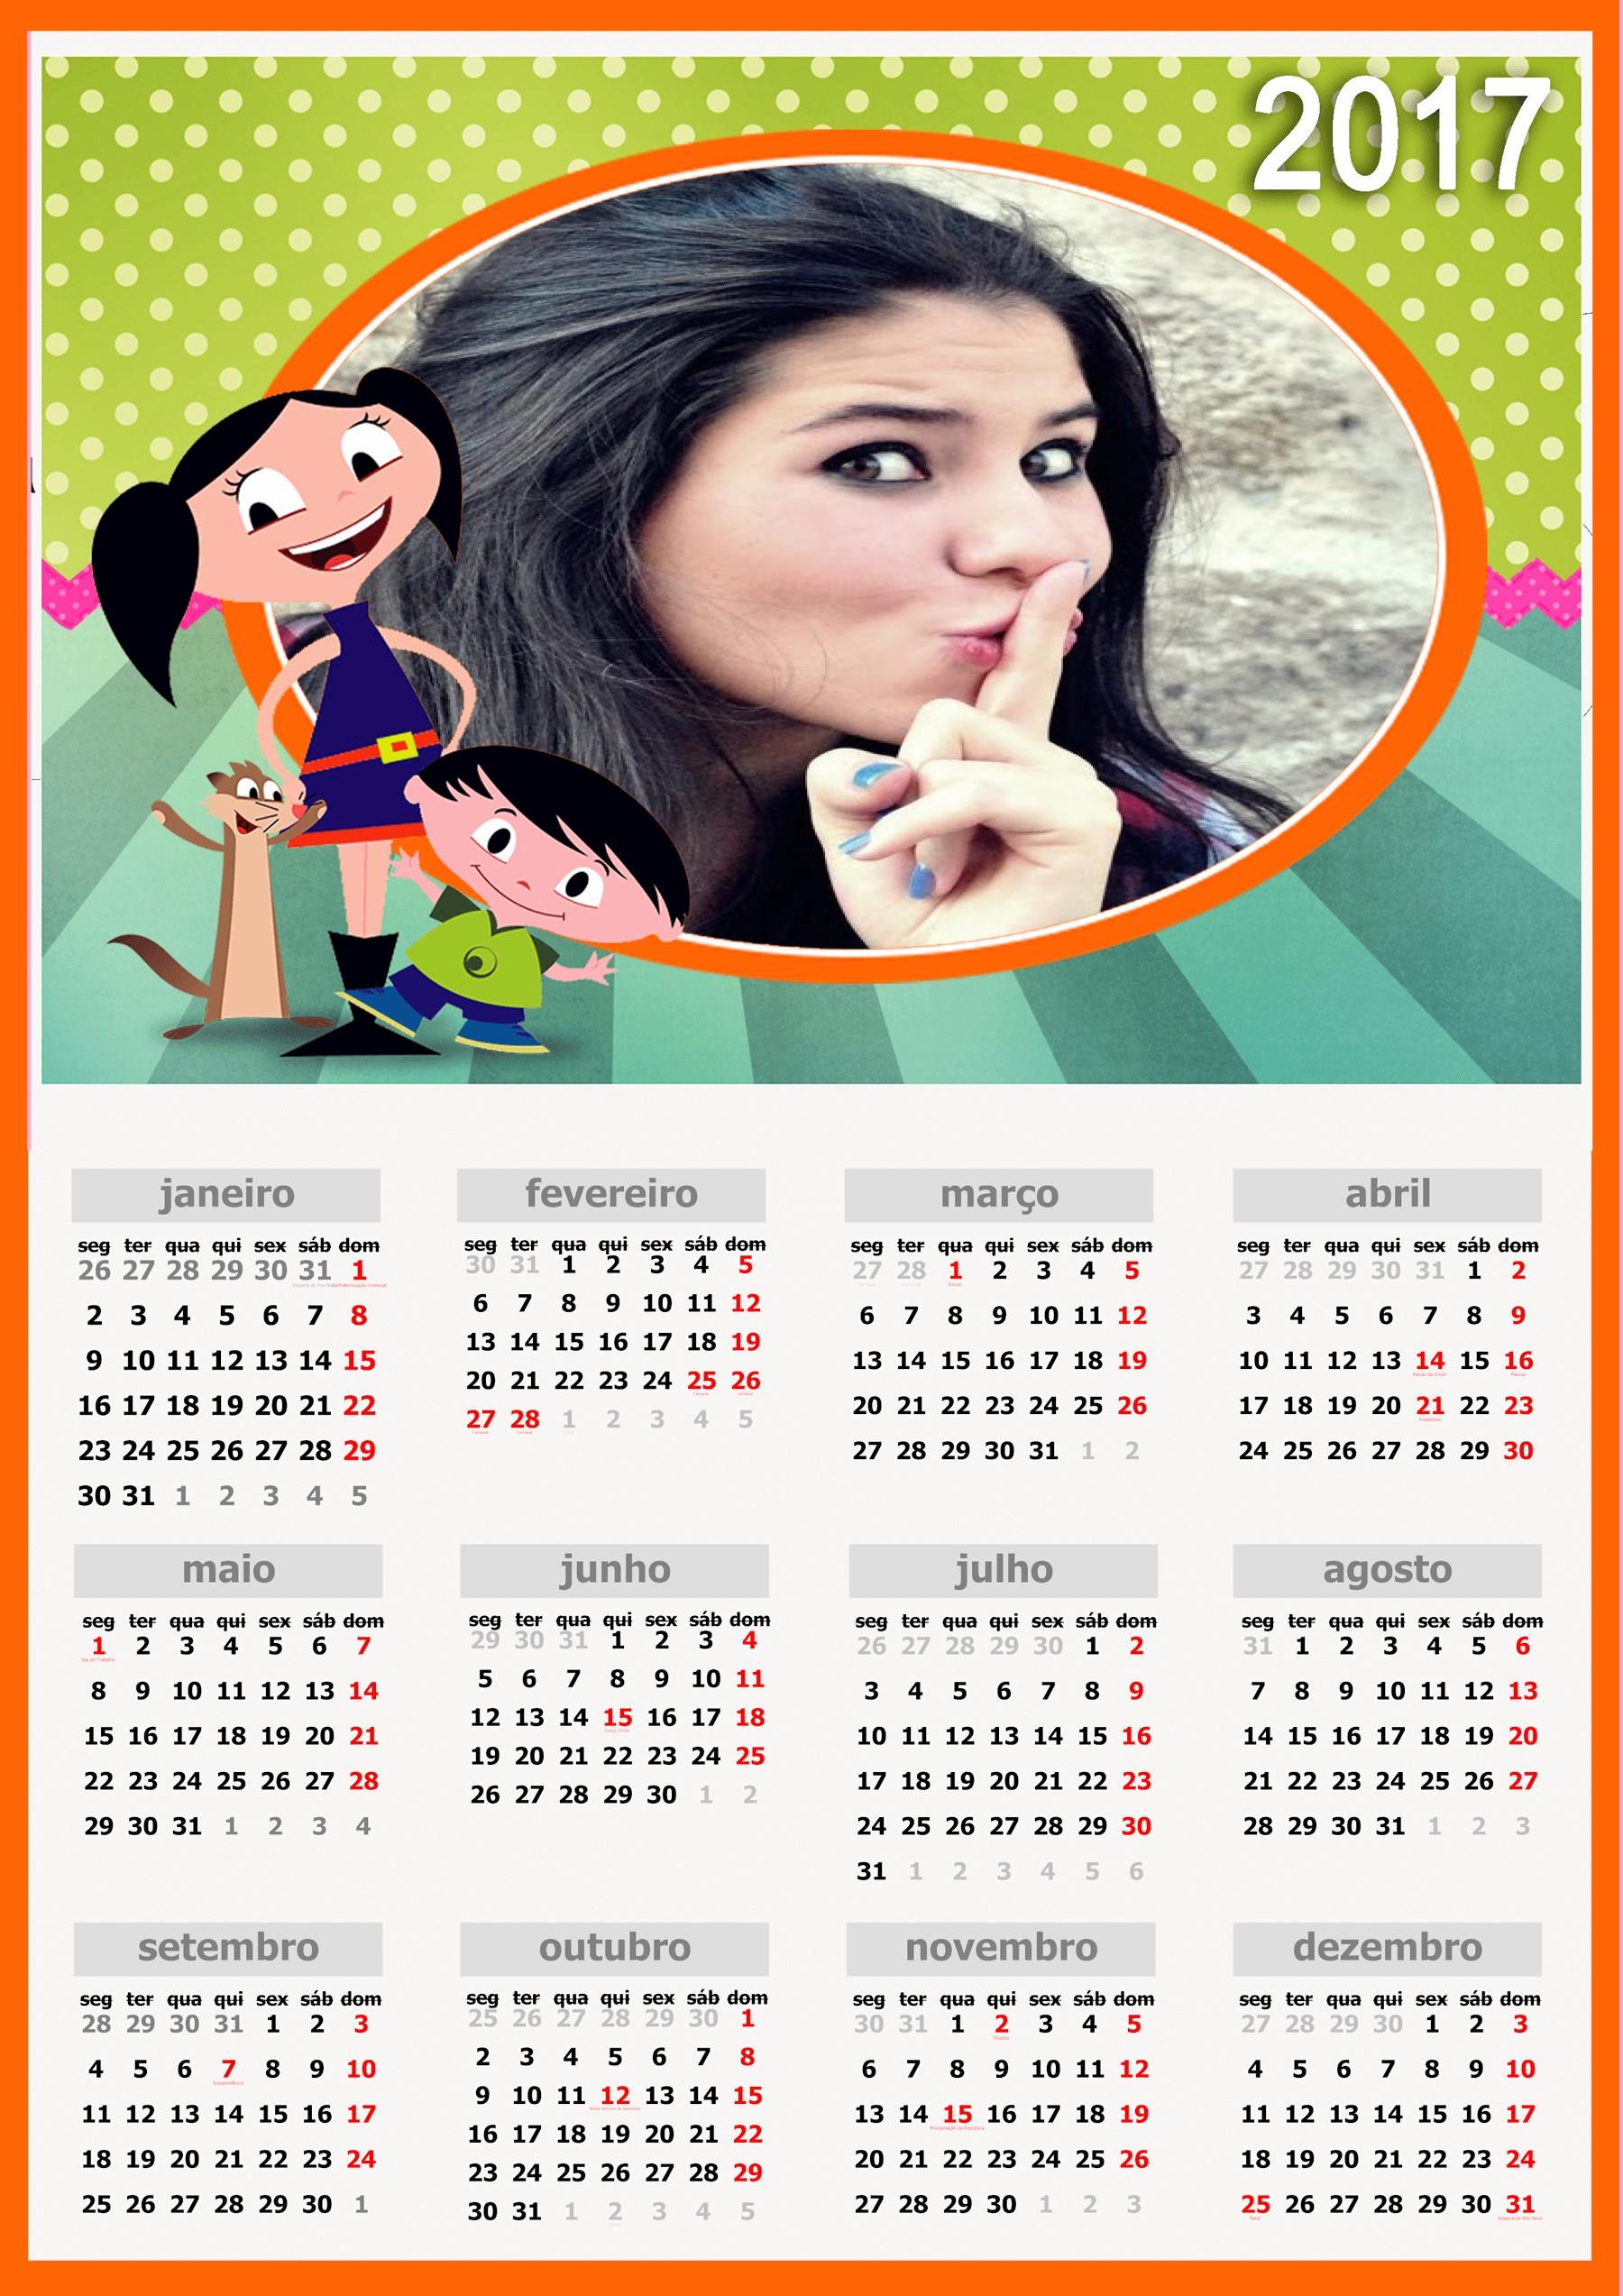 calendario-2017-moldura-show-da-luna